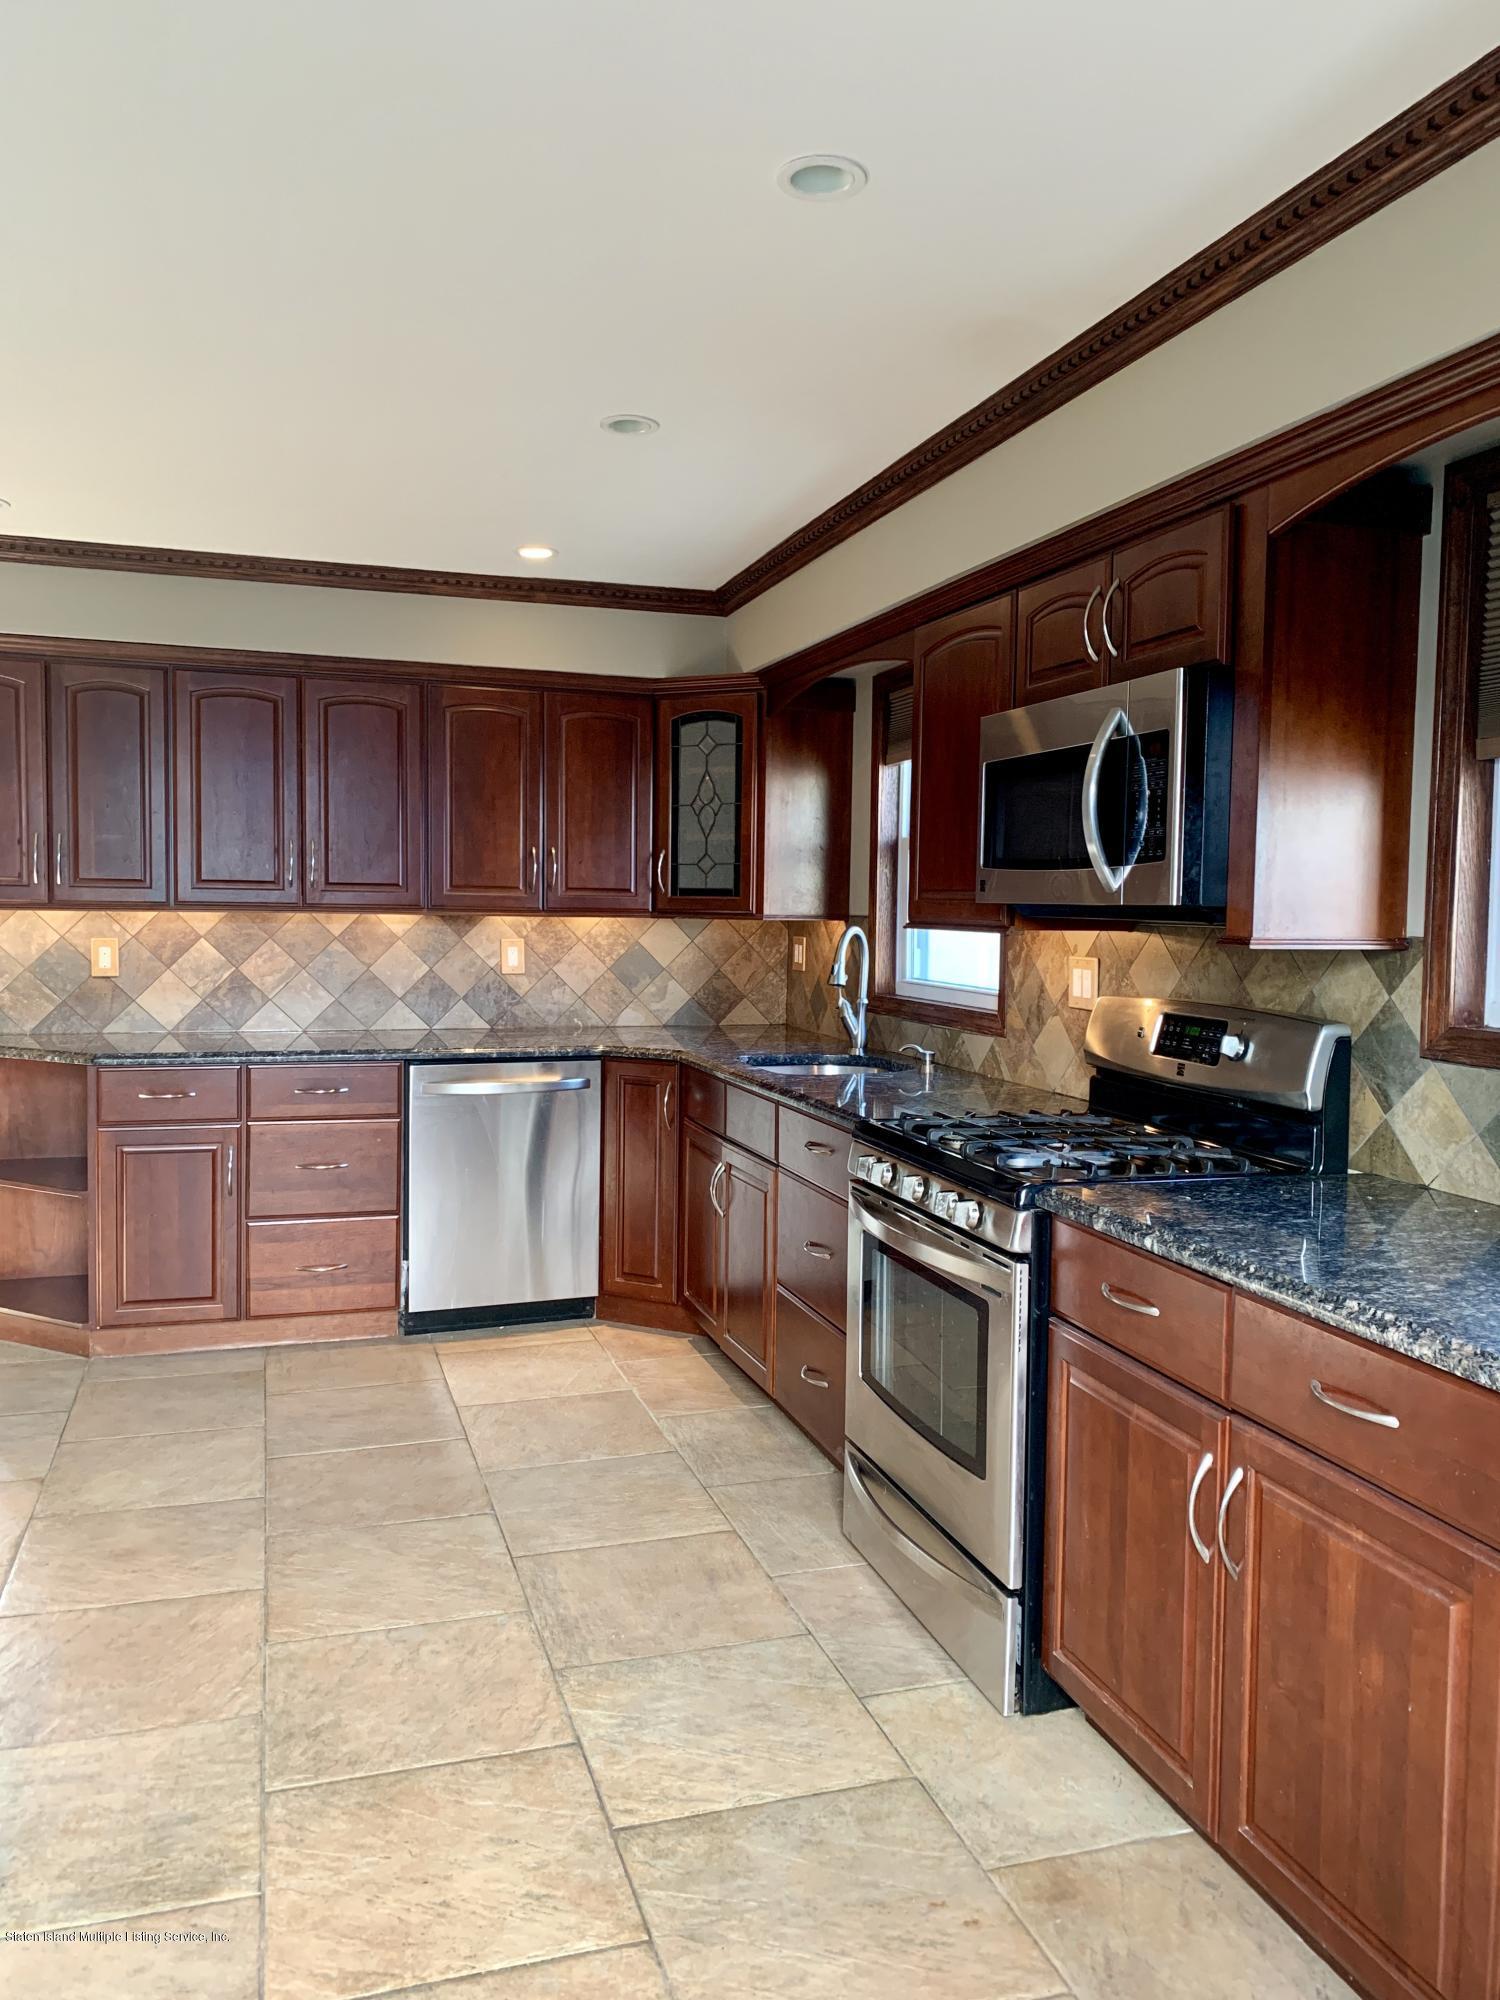 Single Family - Detached 524 Powell Street  Staten Island, NY 10312, MLS-1133742-6